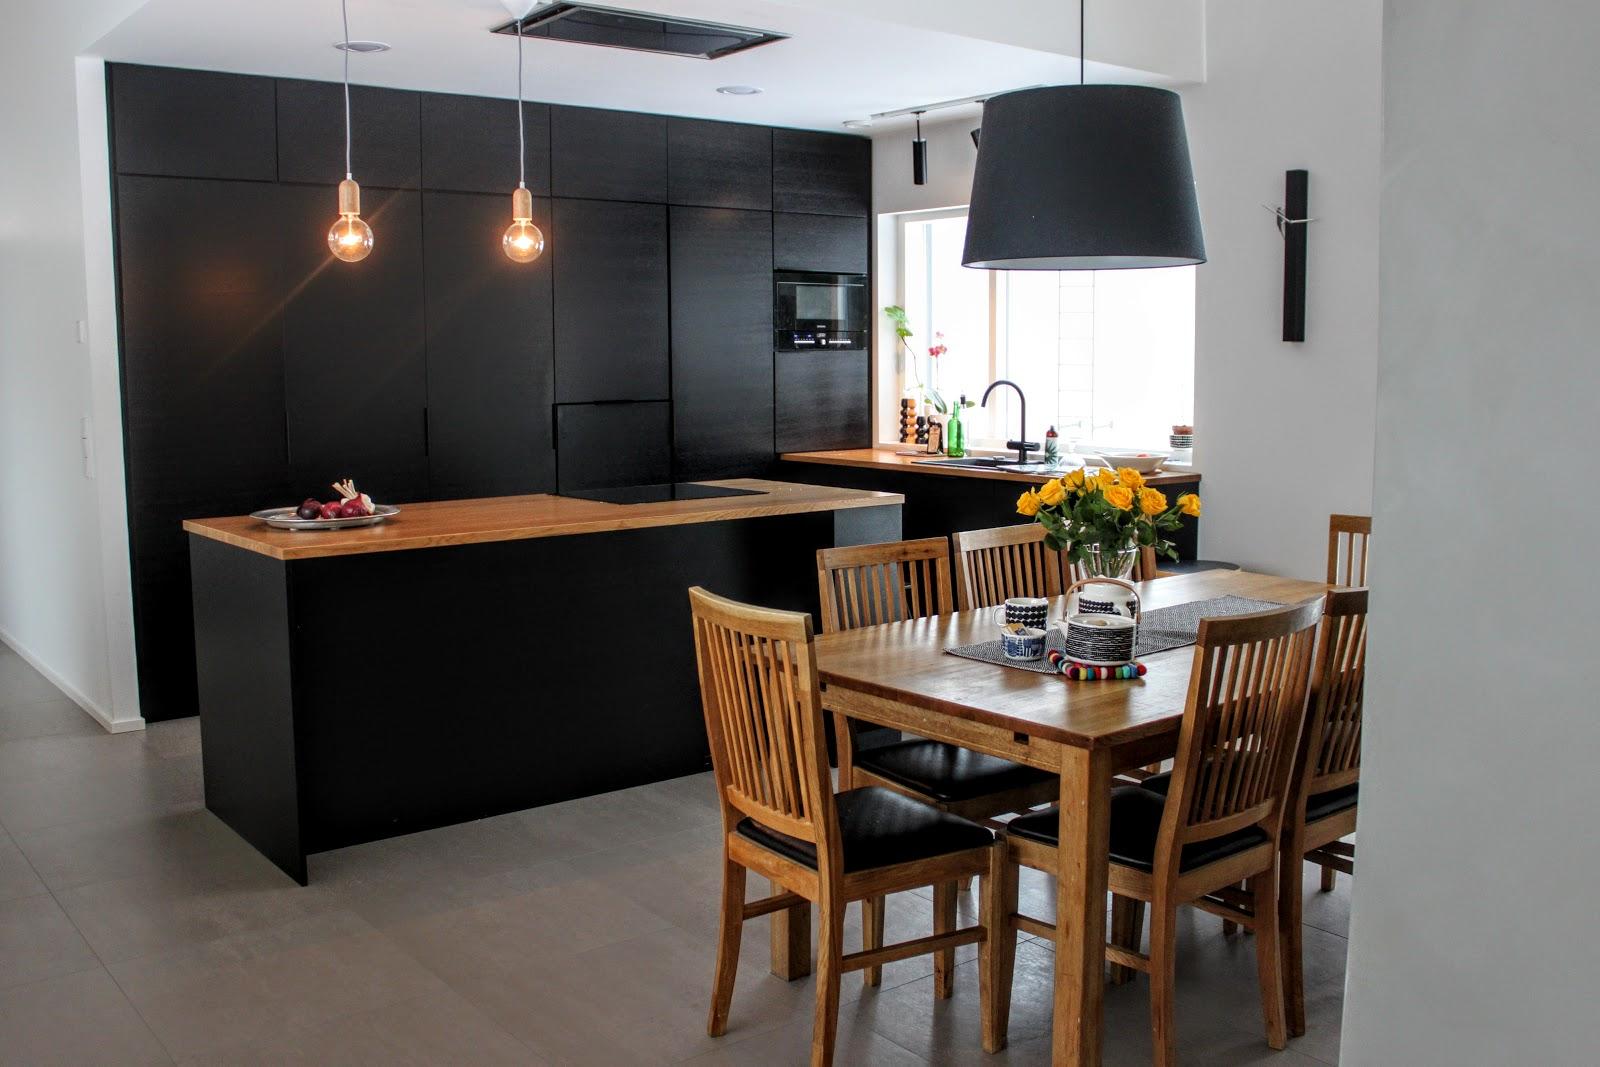 KOTI Musta keittiö kuvina ja uusi blogihaaste